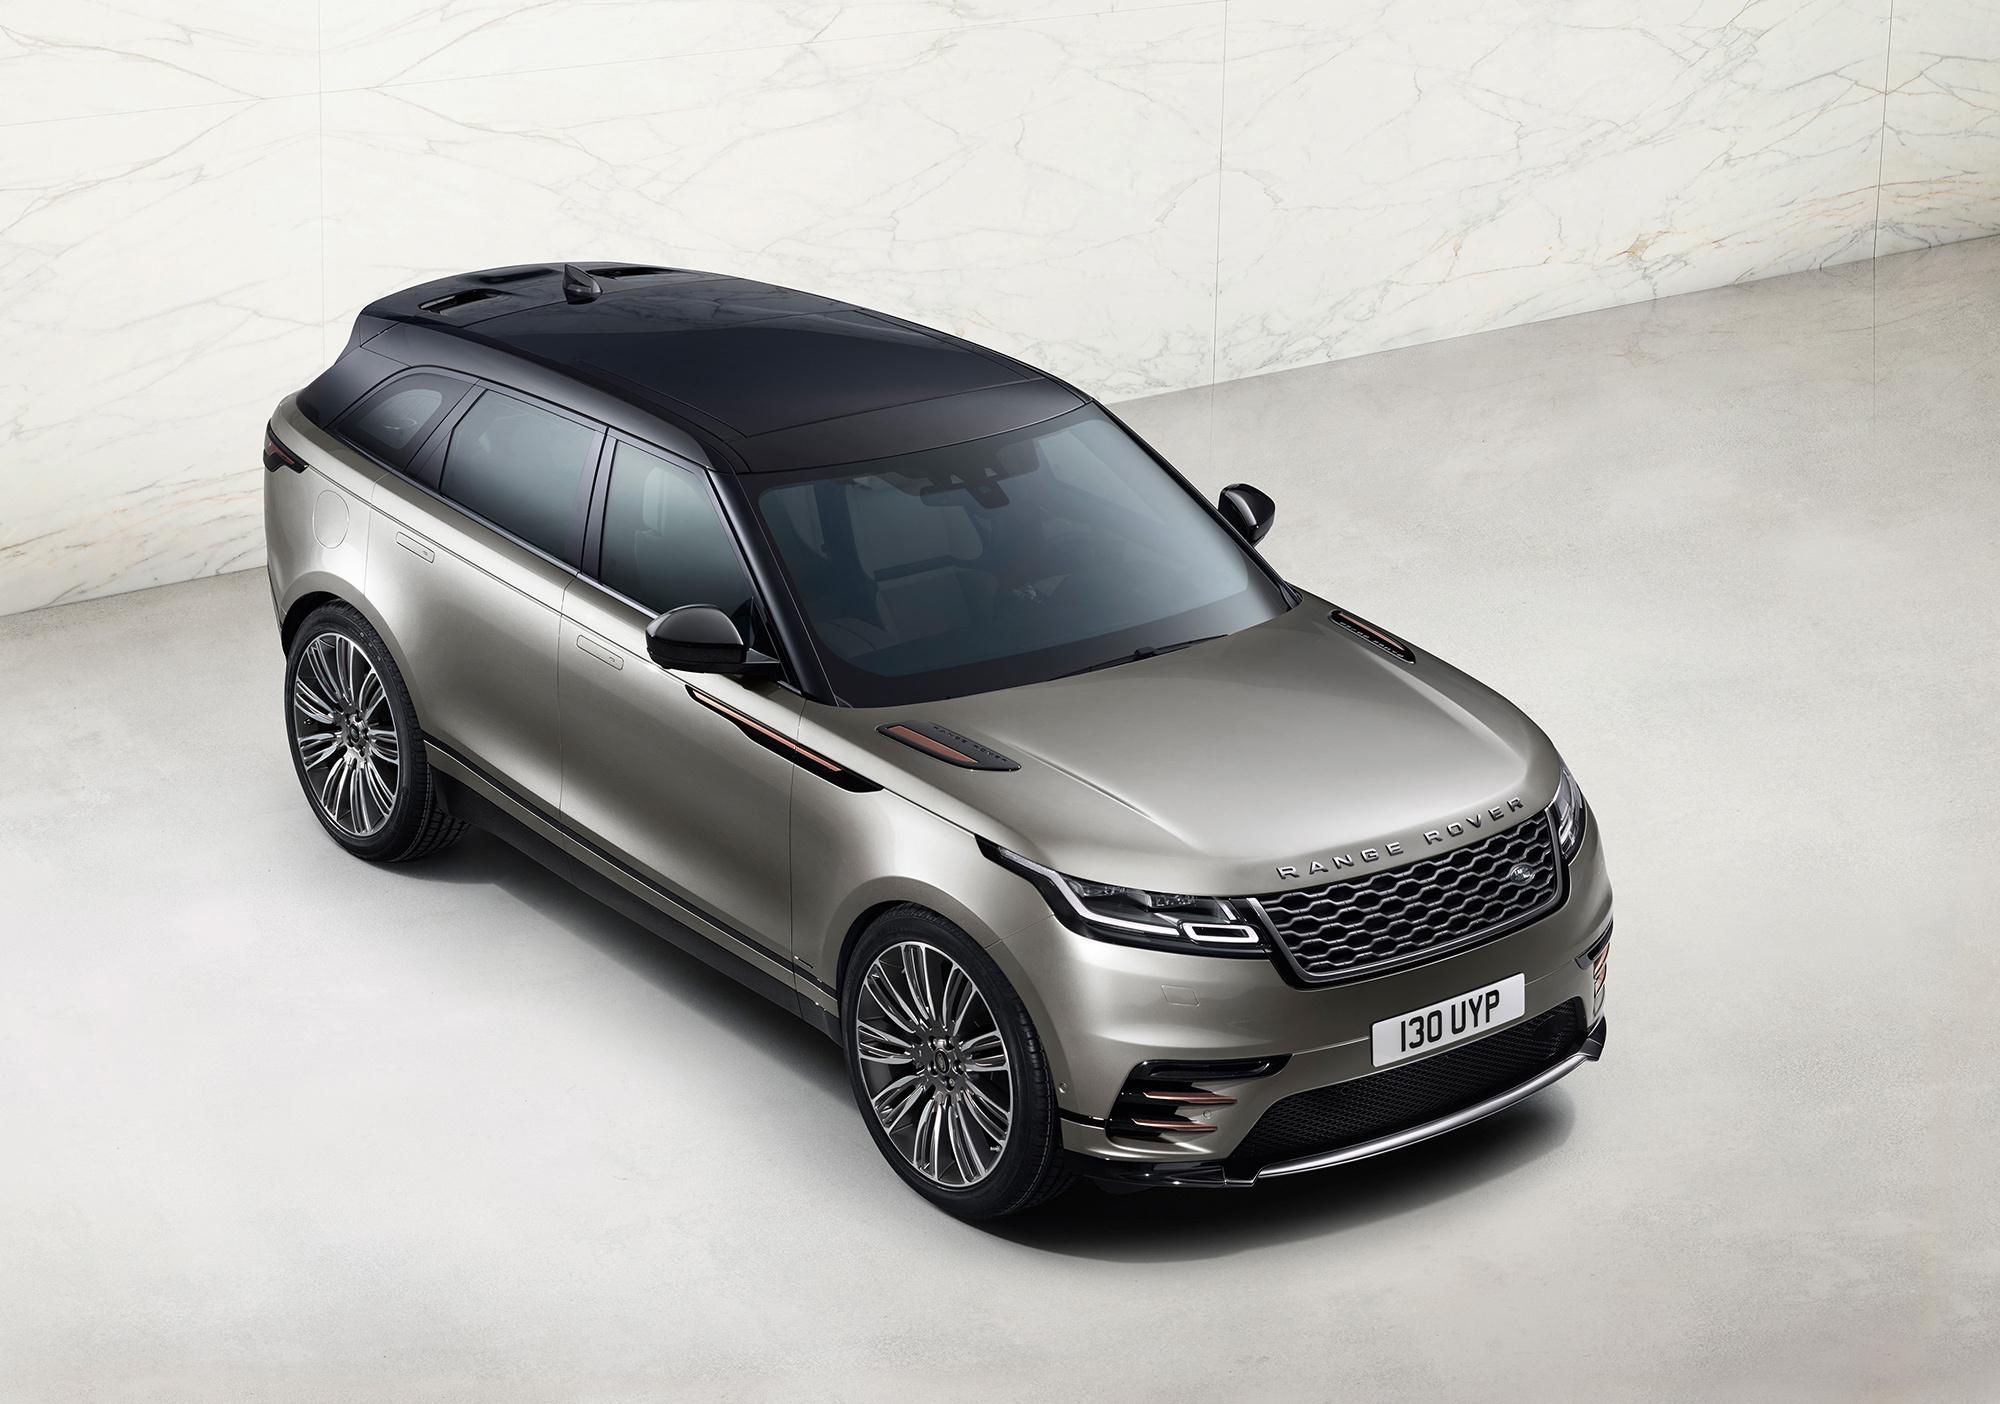 Range Rover Velar High Definition Wallpapers